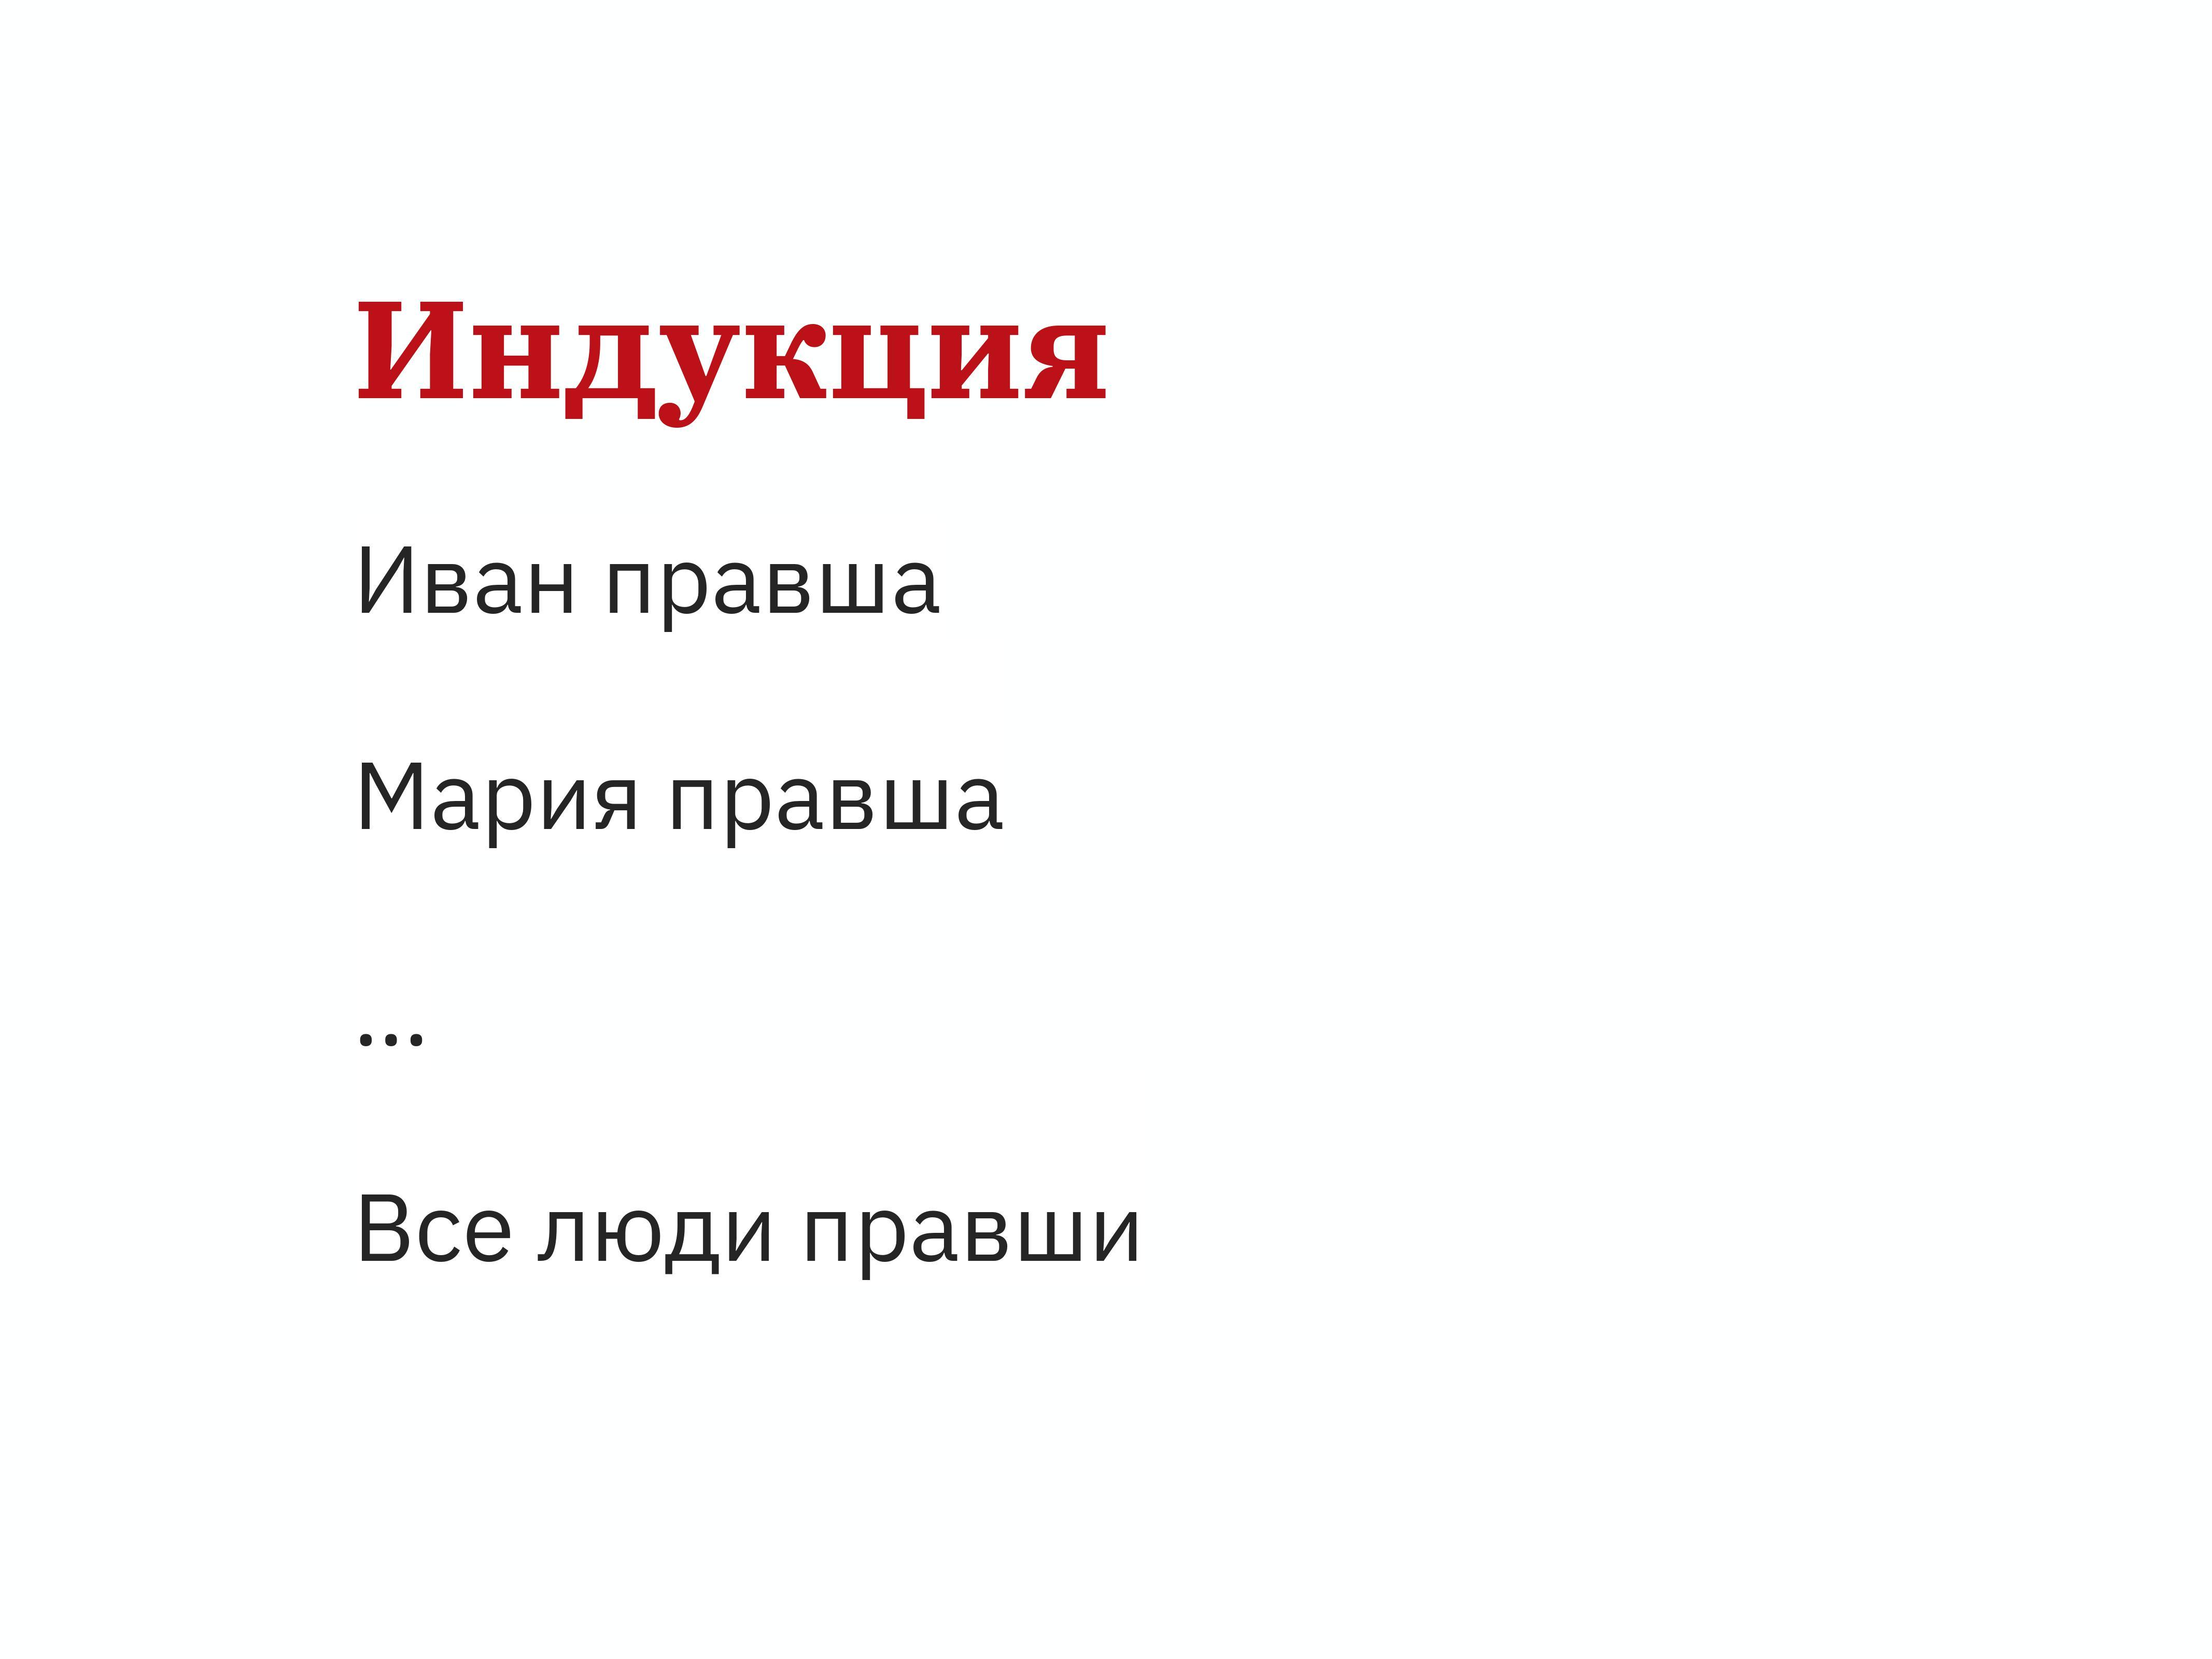 Алексей Каптерев: Критическое мышление 101 (часть 2) - 17